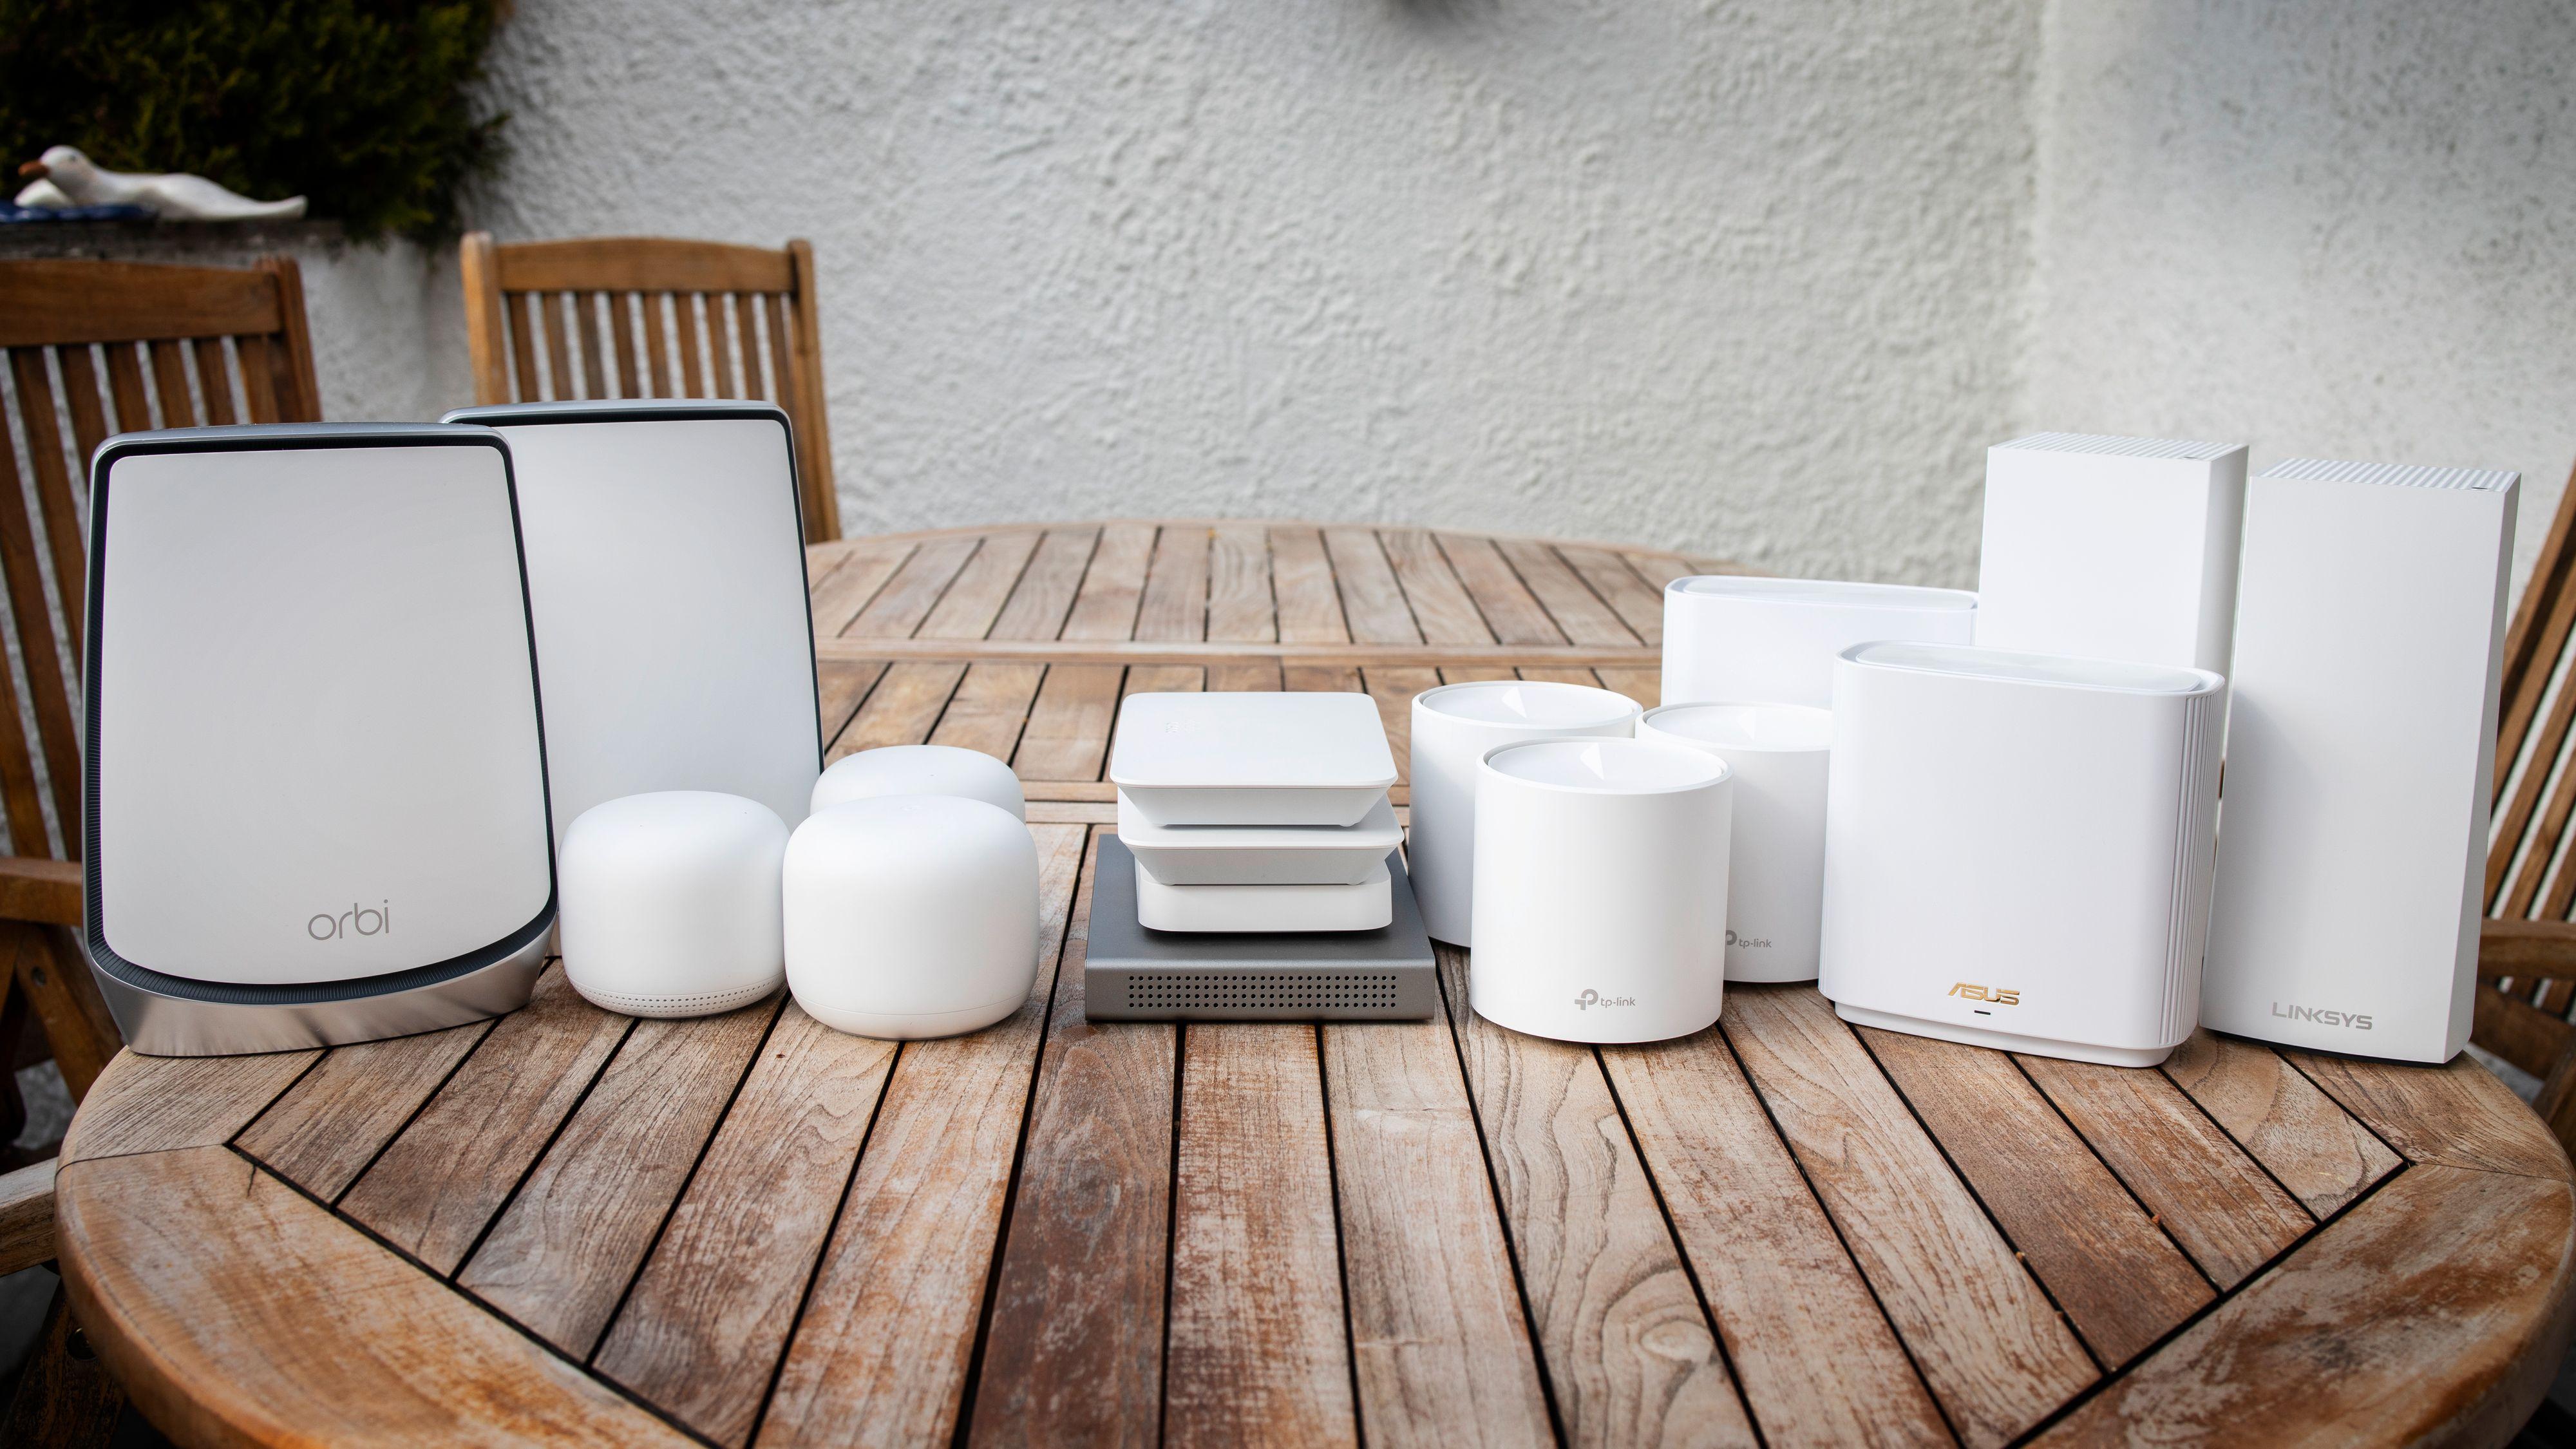 Seks mesh-sett, hvorav fire støtter Wi-Fi 6, har vært satt på prøve. Fra venstre Netgear Orbi, Google Nest Wifi, Cisco Meraki Go, TP-Link Deco X60, Asus ZenWifi XT8 og Linksys MX10.